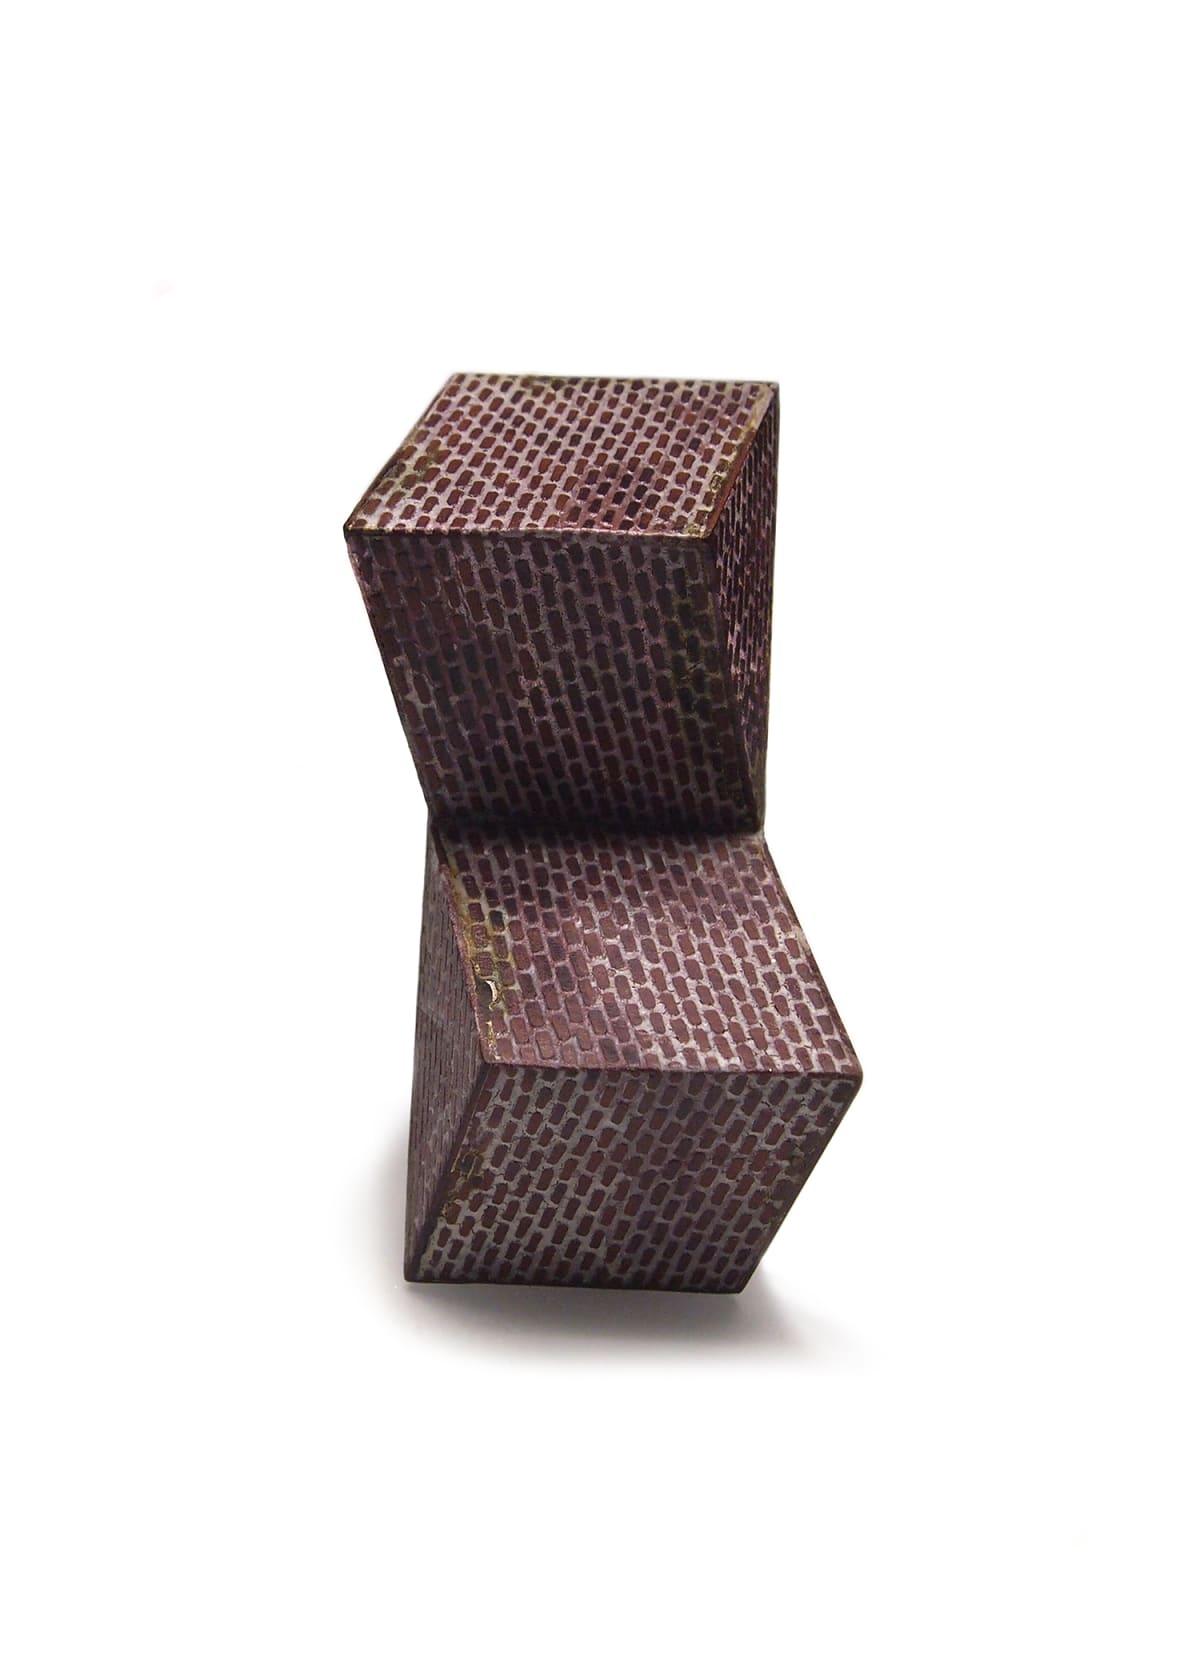 Sharon Massey, Brickwork Twist Brooch, 2017